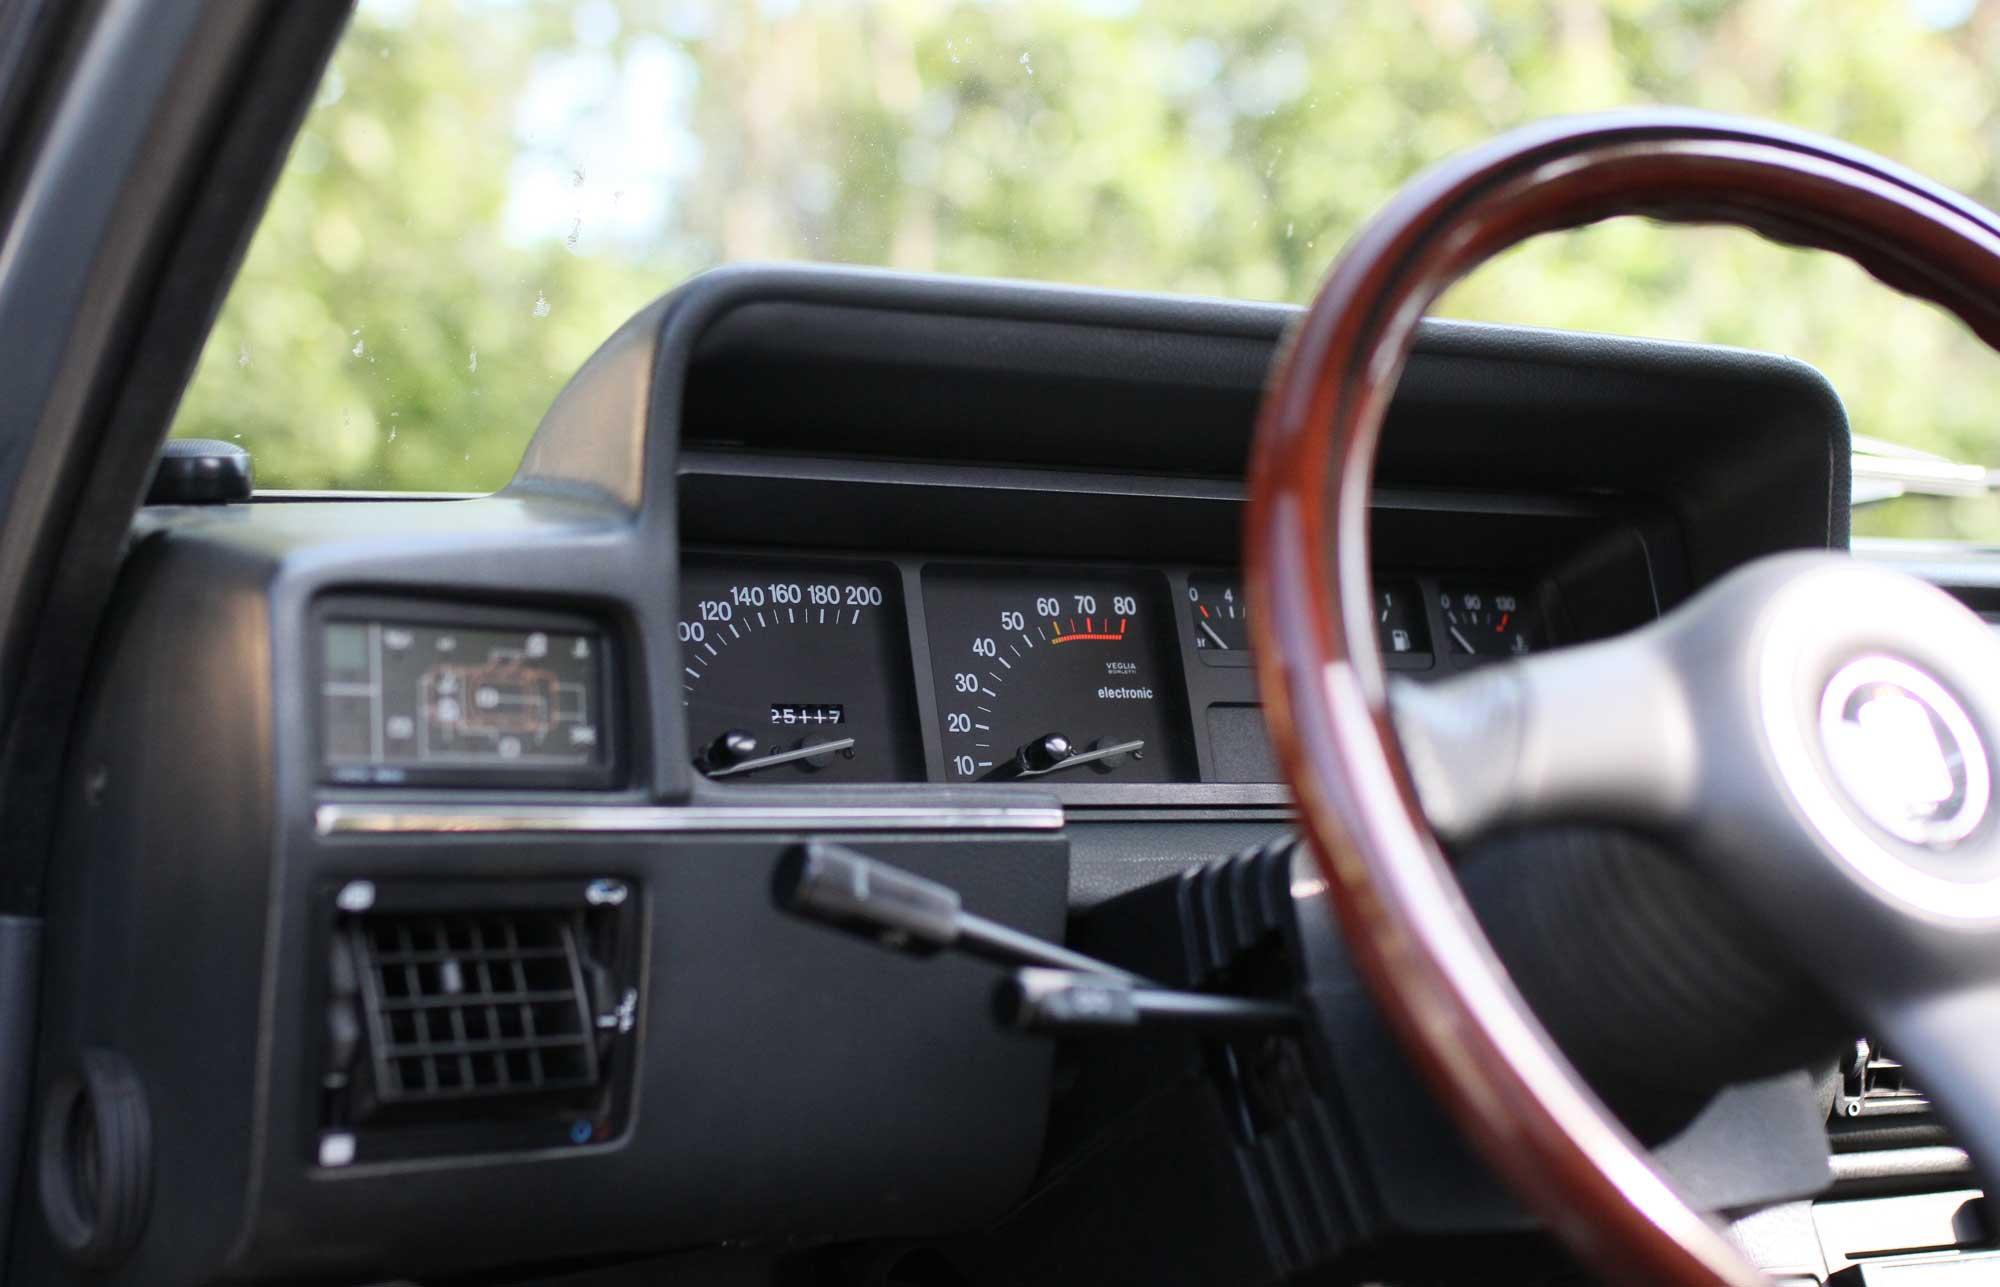 Steering Wheel Nardi in a fiat